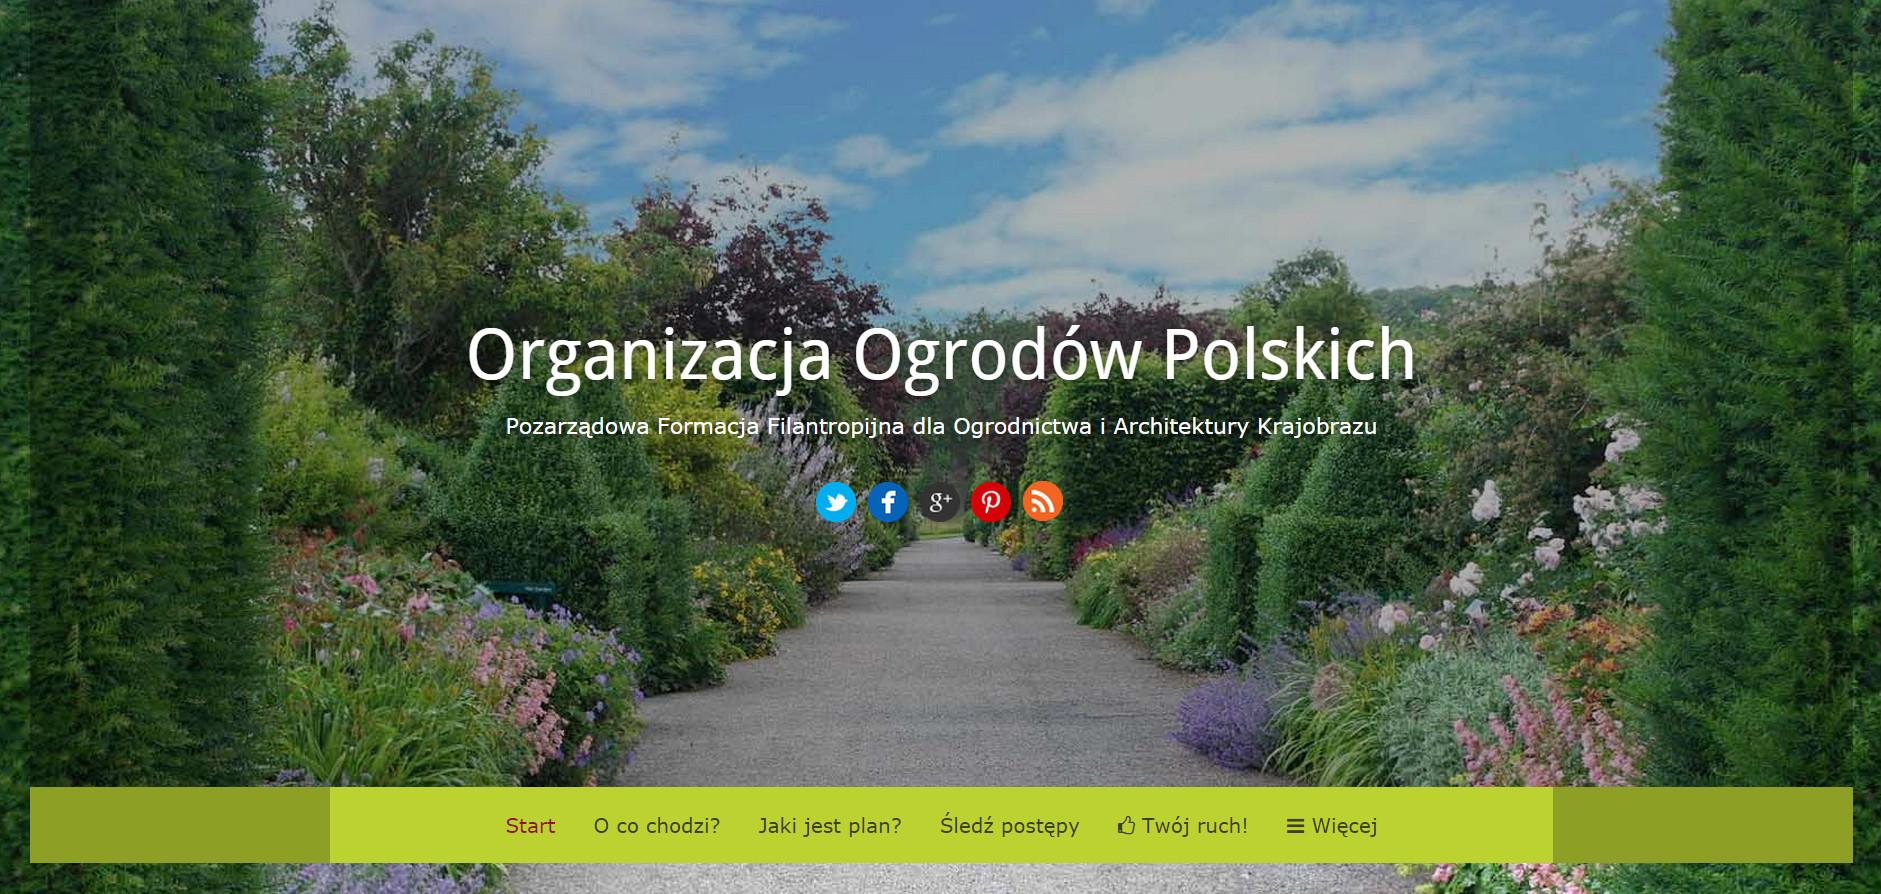 ORGANIZACJA OGRODÓW POLSKICH